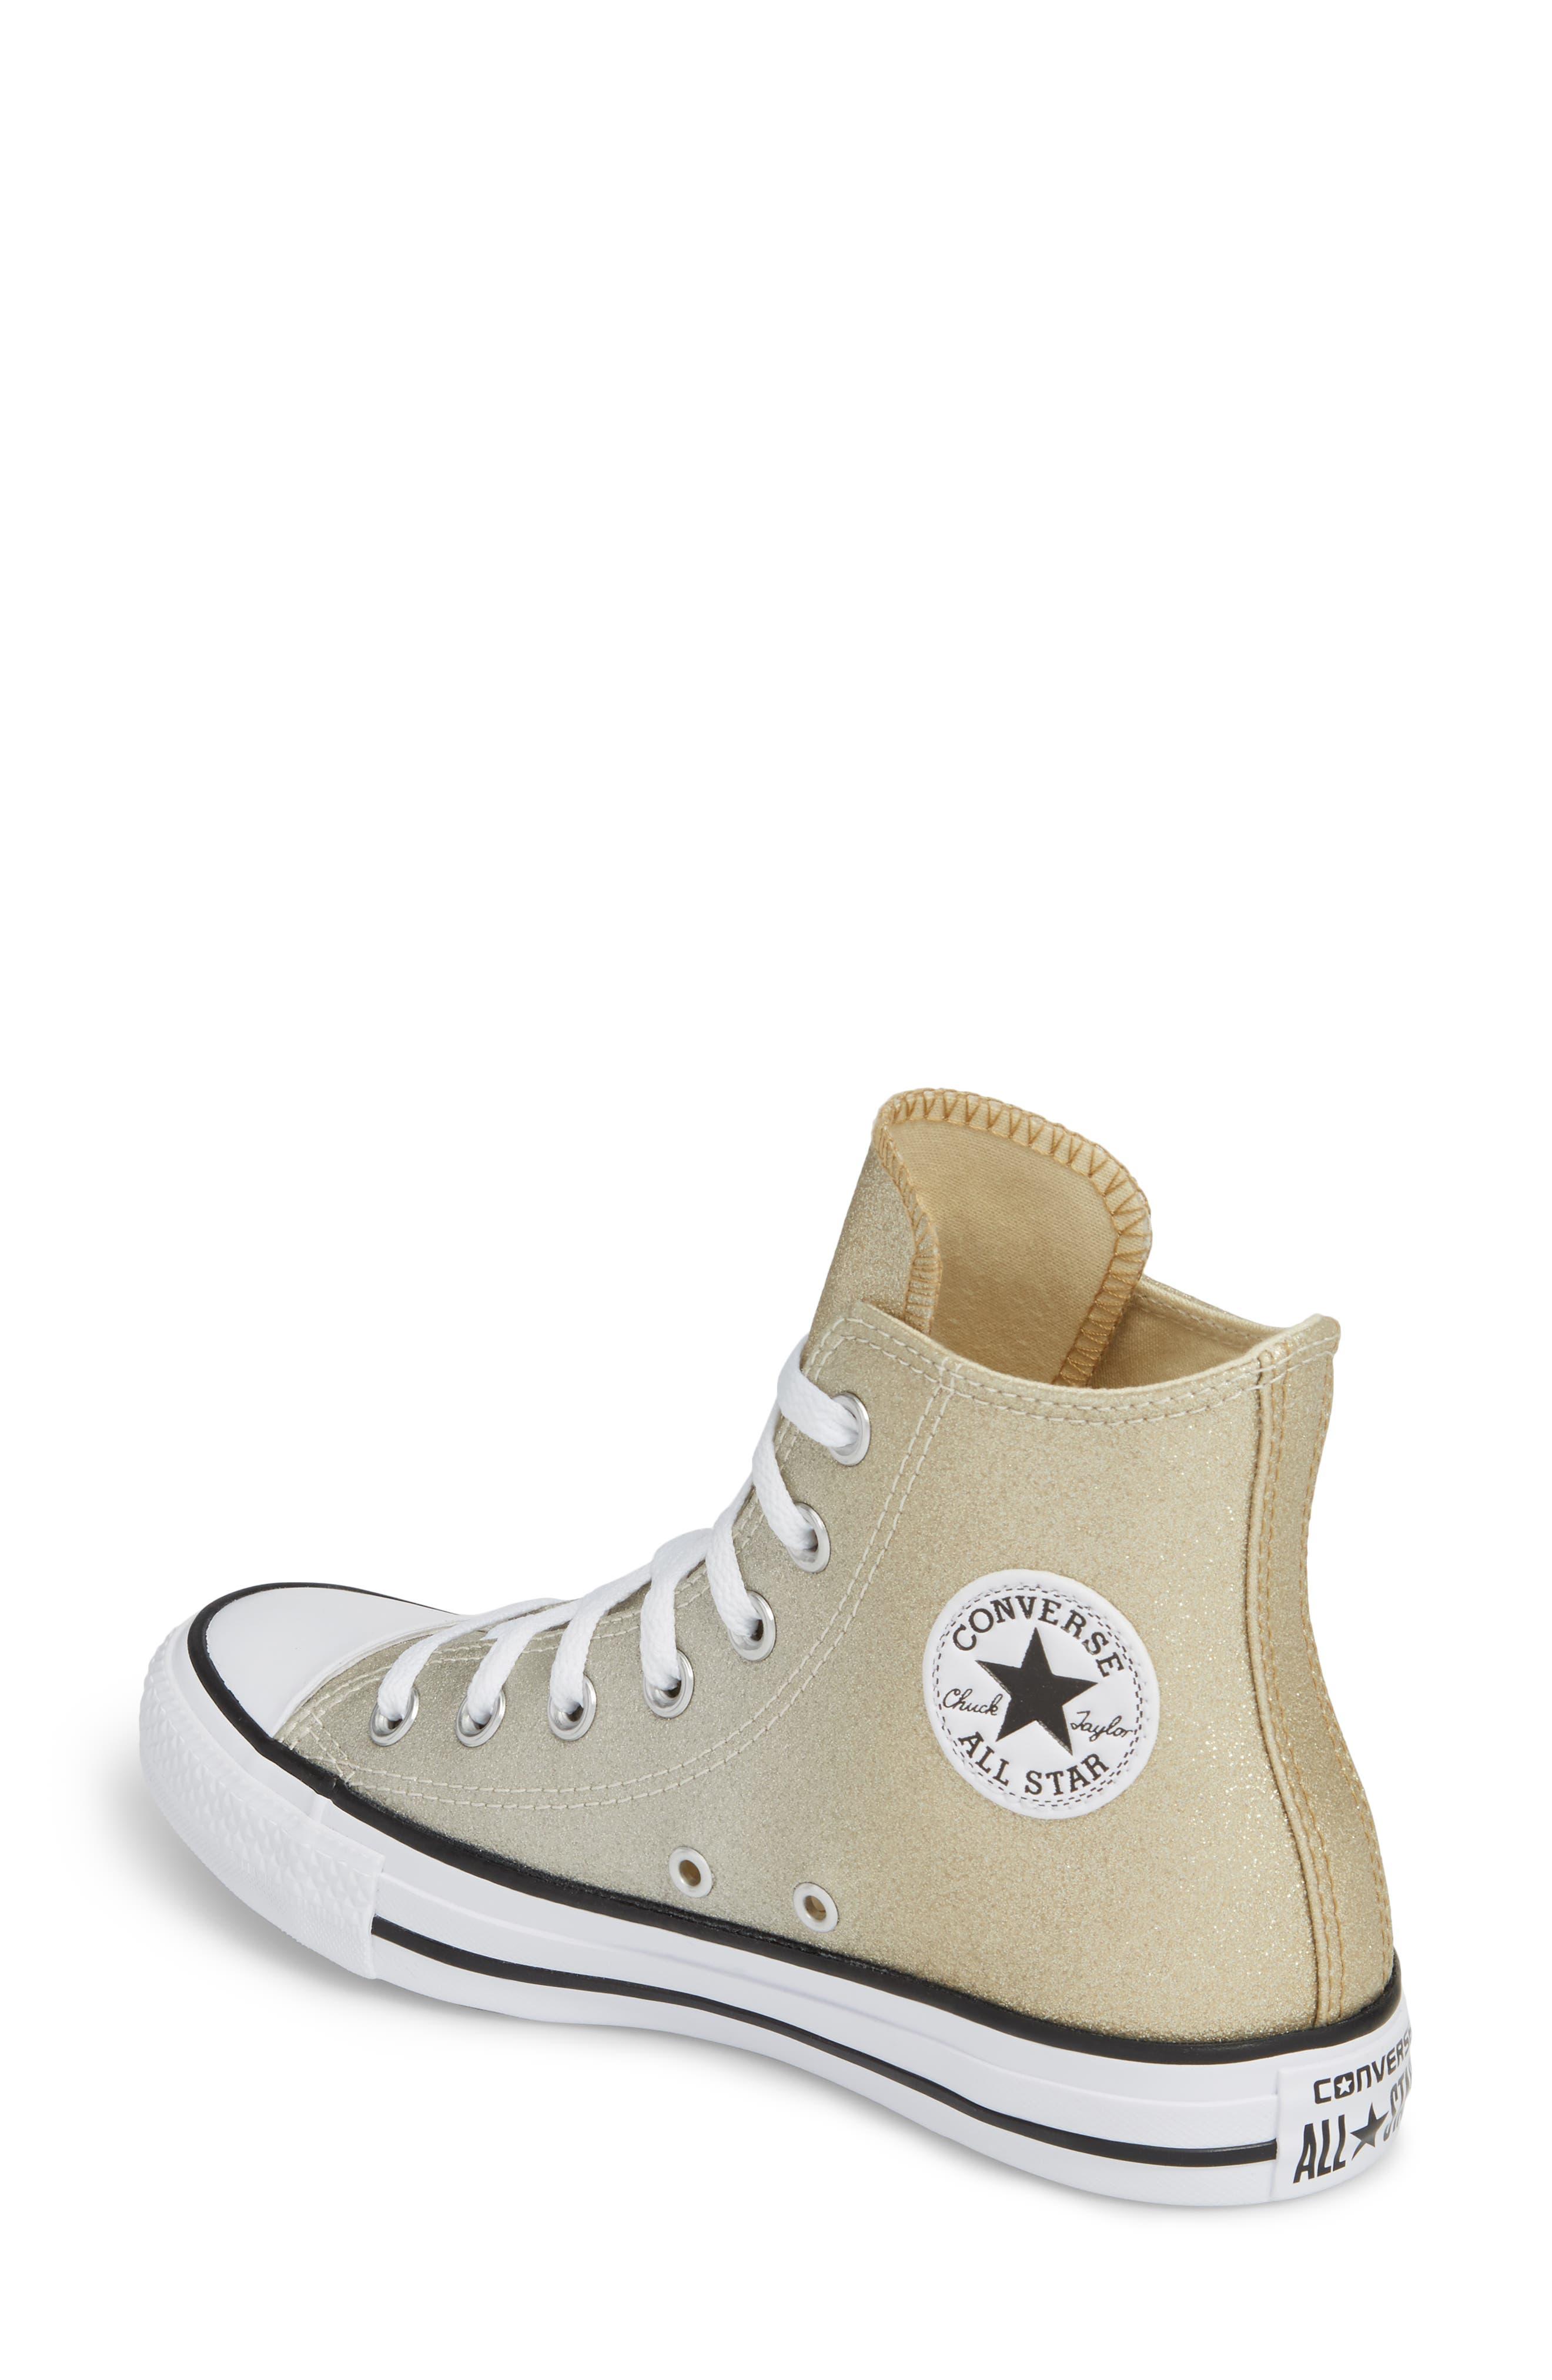 Alternate Image 2  - Converse Chuck Taylor® All Star® Ombré Metallic High Top Sneaker (Women)